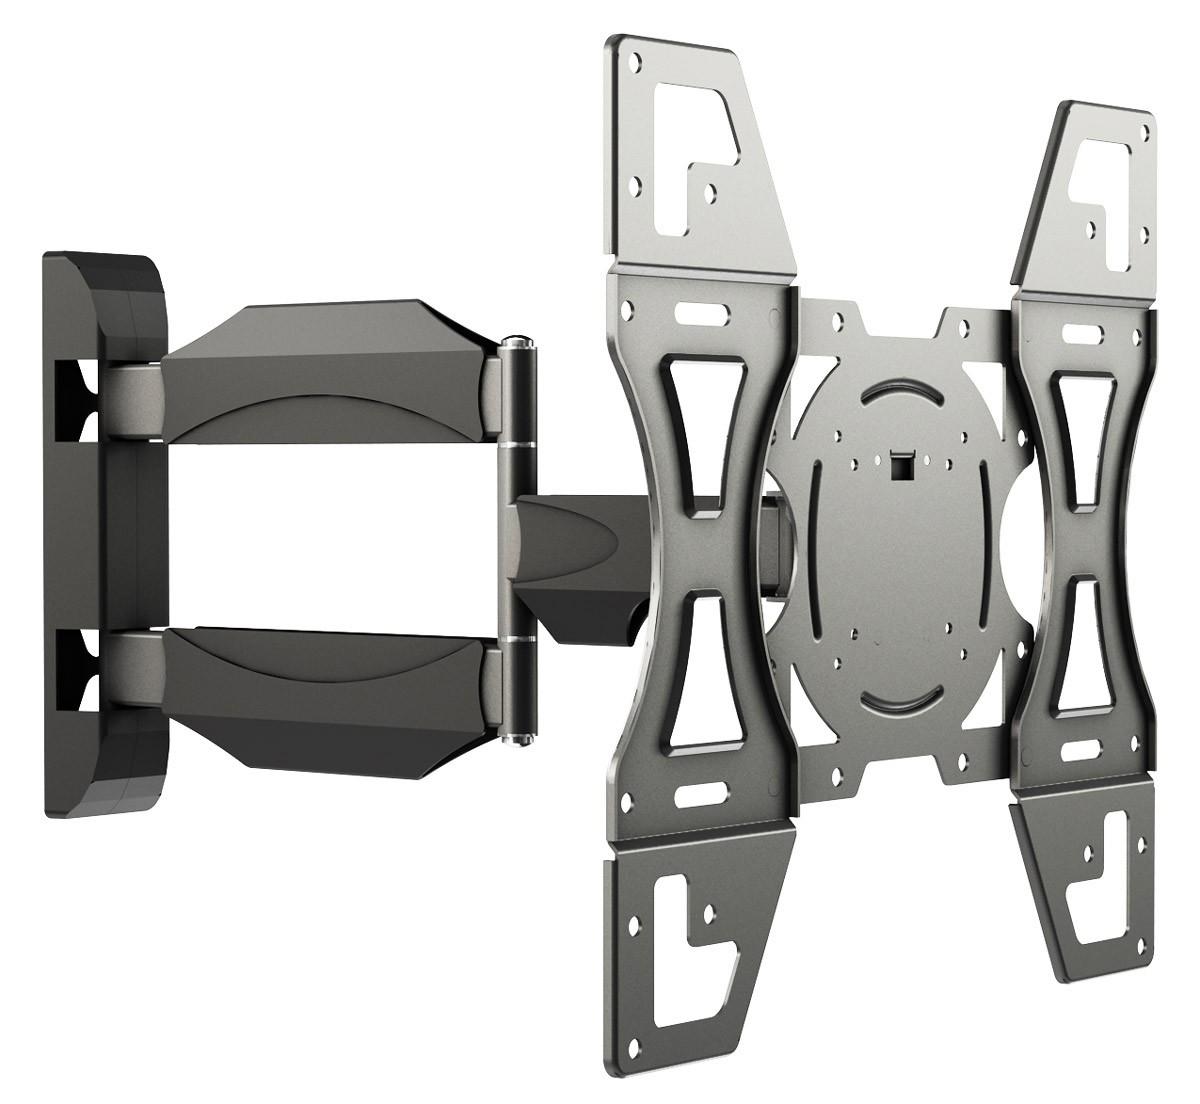 wandhalterung tv schwenkbar monitor neigbar s0244 10752. Black Bedroom Furniture Sets. Home Design Ideas